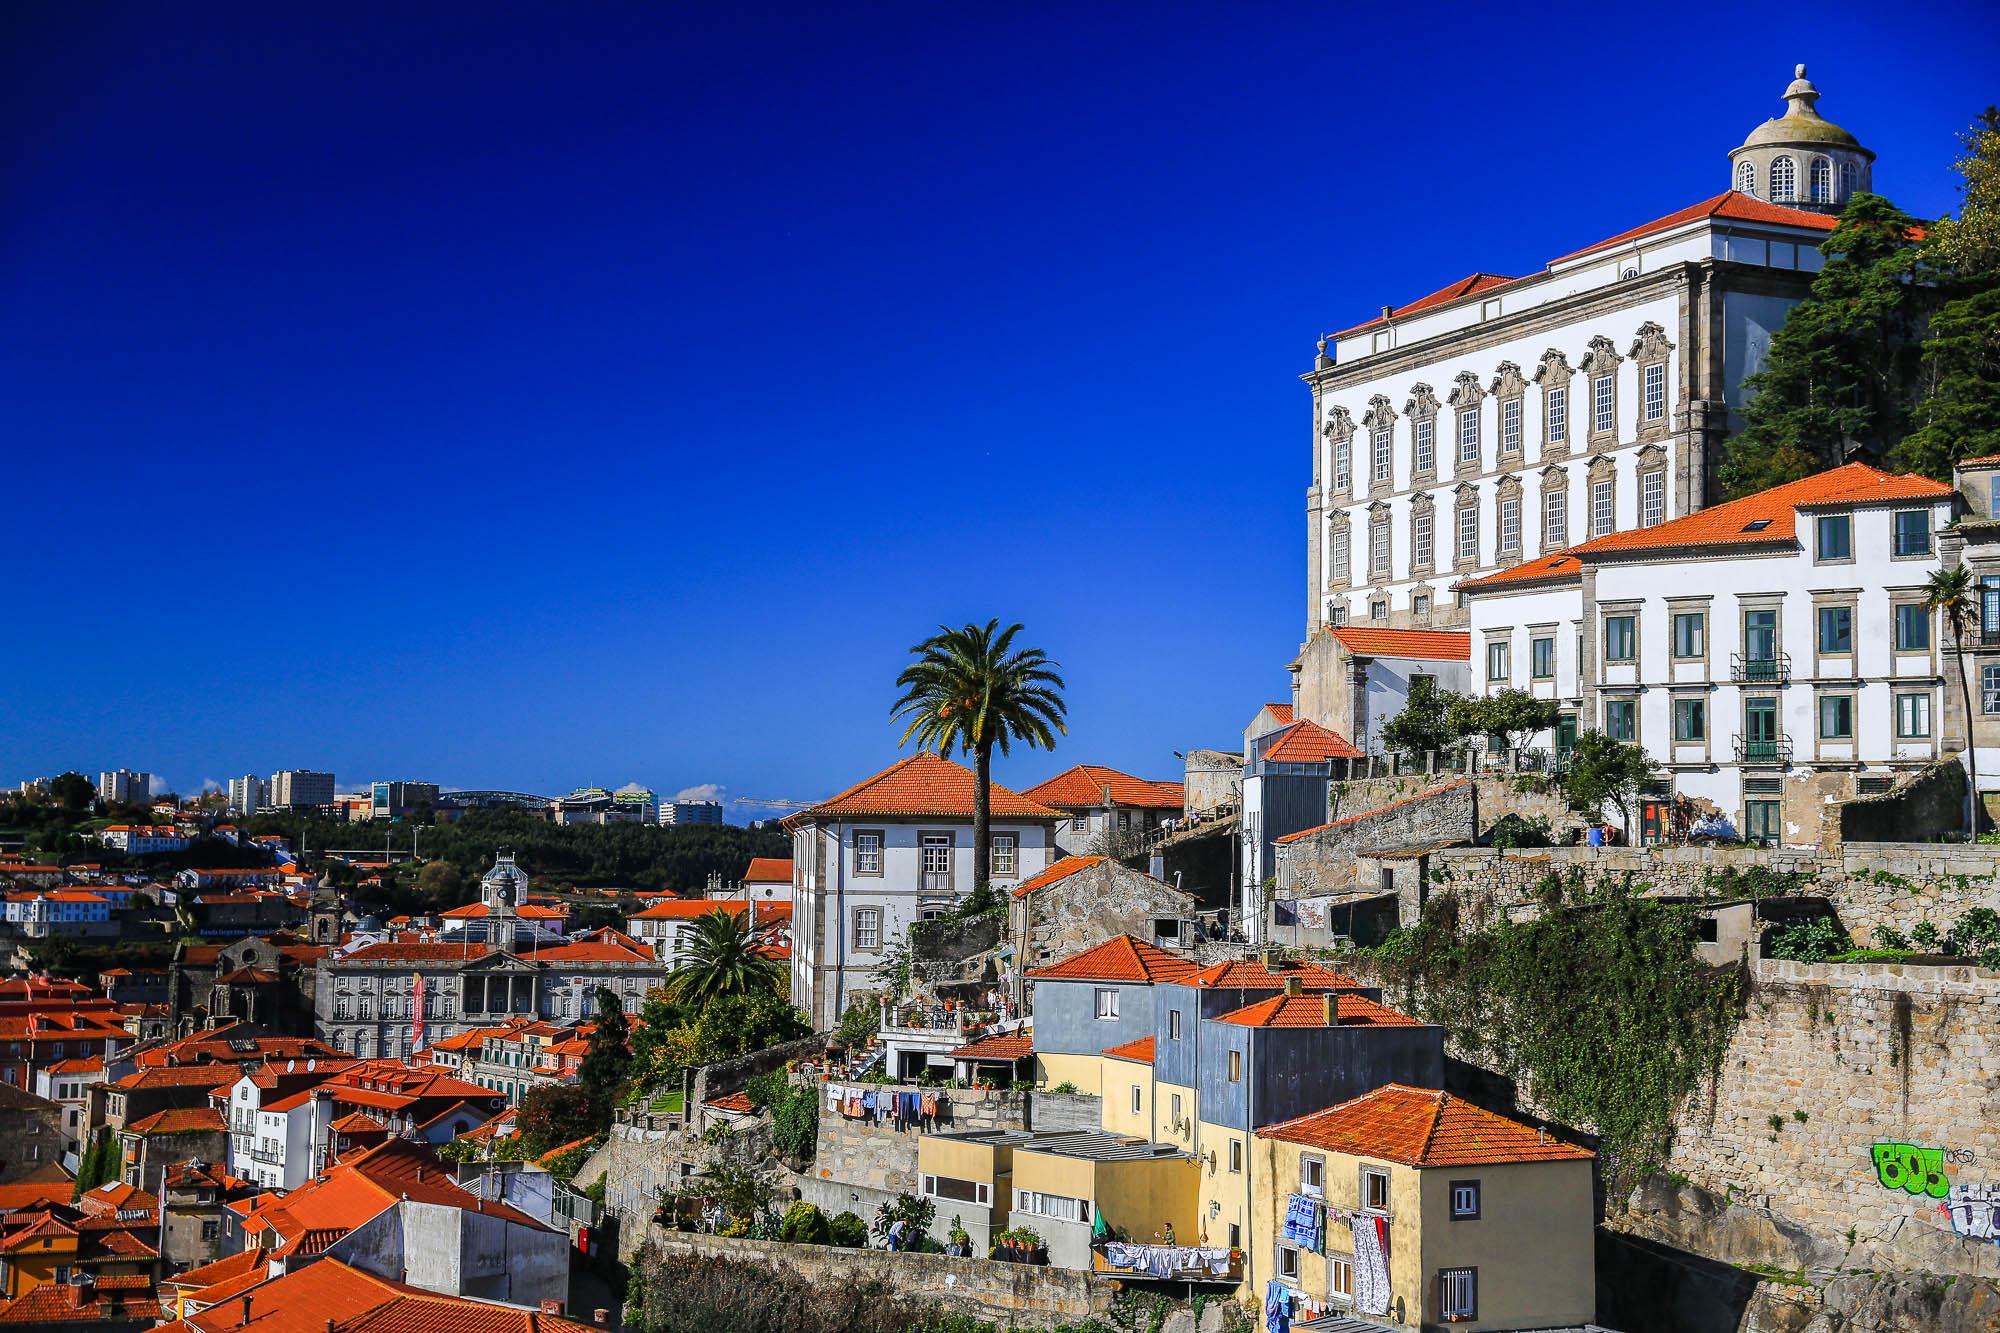 PORTUGAL-2012-jusmedic-#984